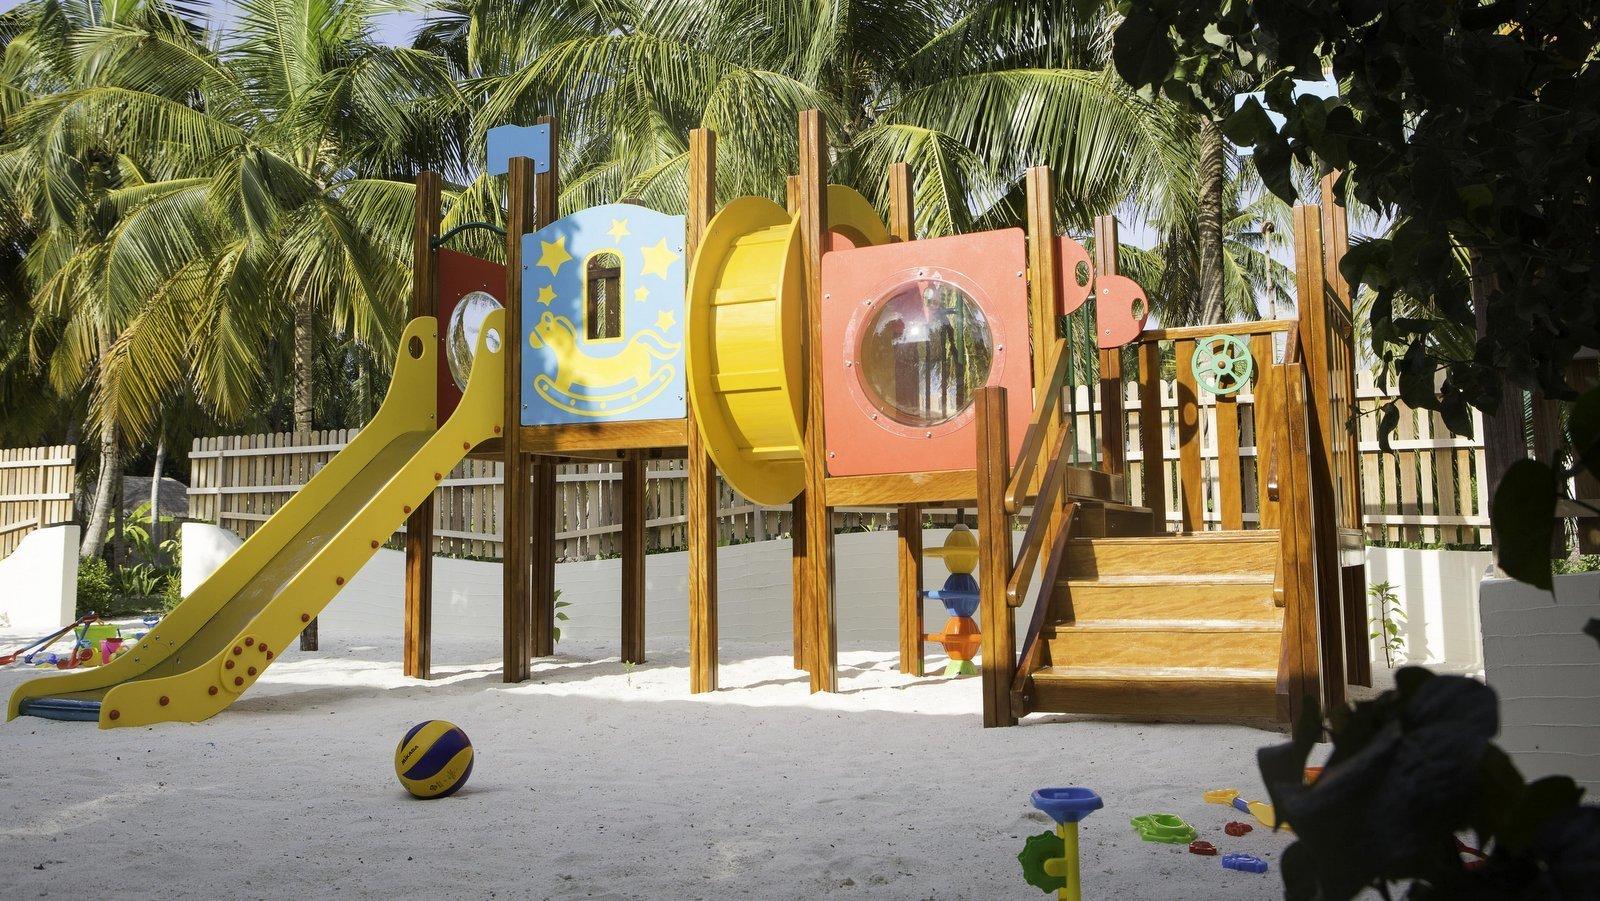 Мальдивы, отель Furaveri Island Resort, детский клуб